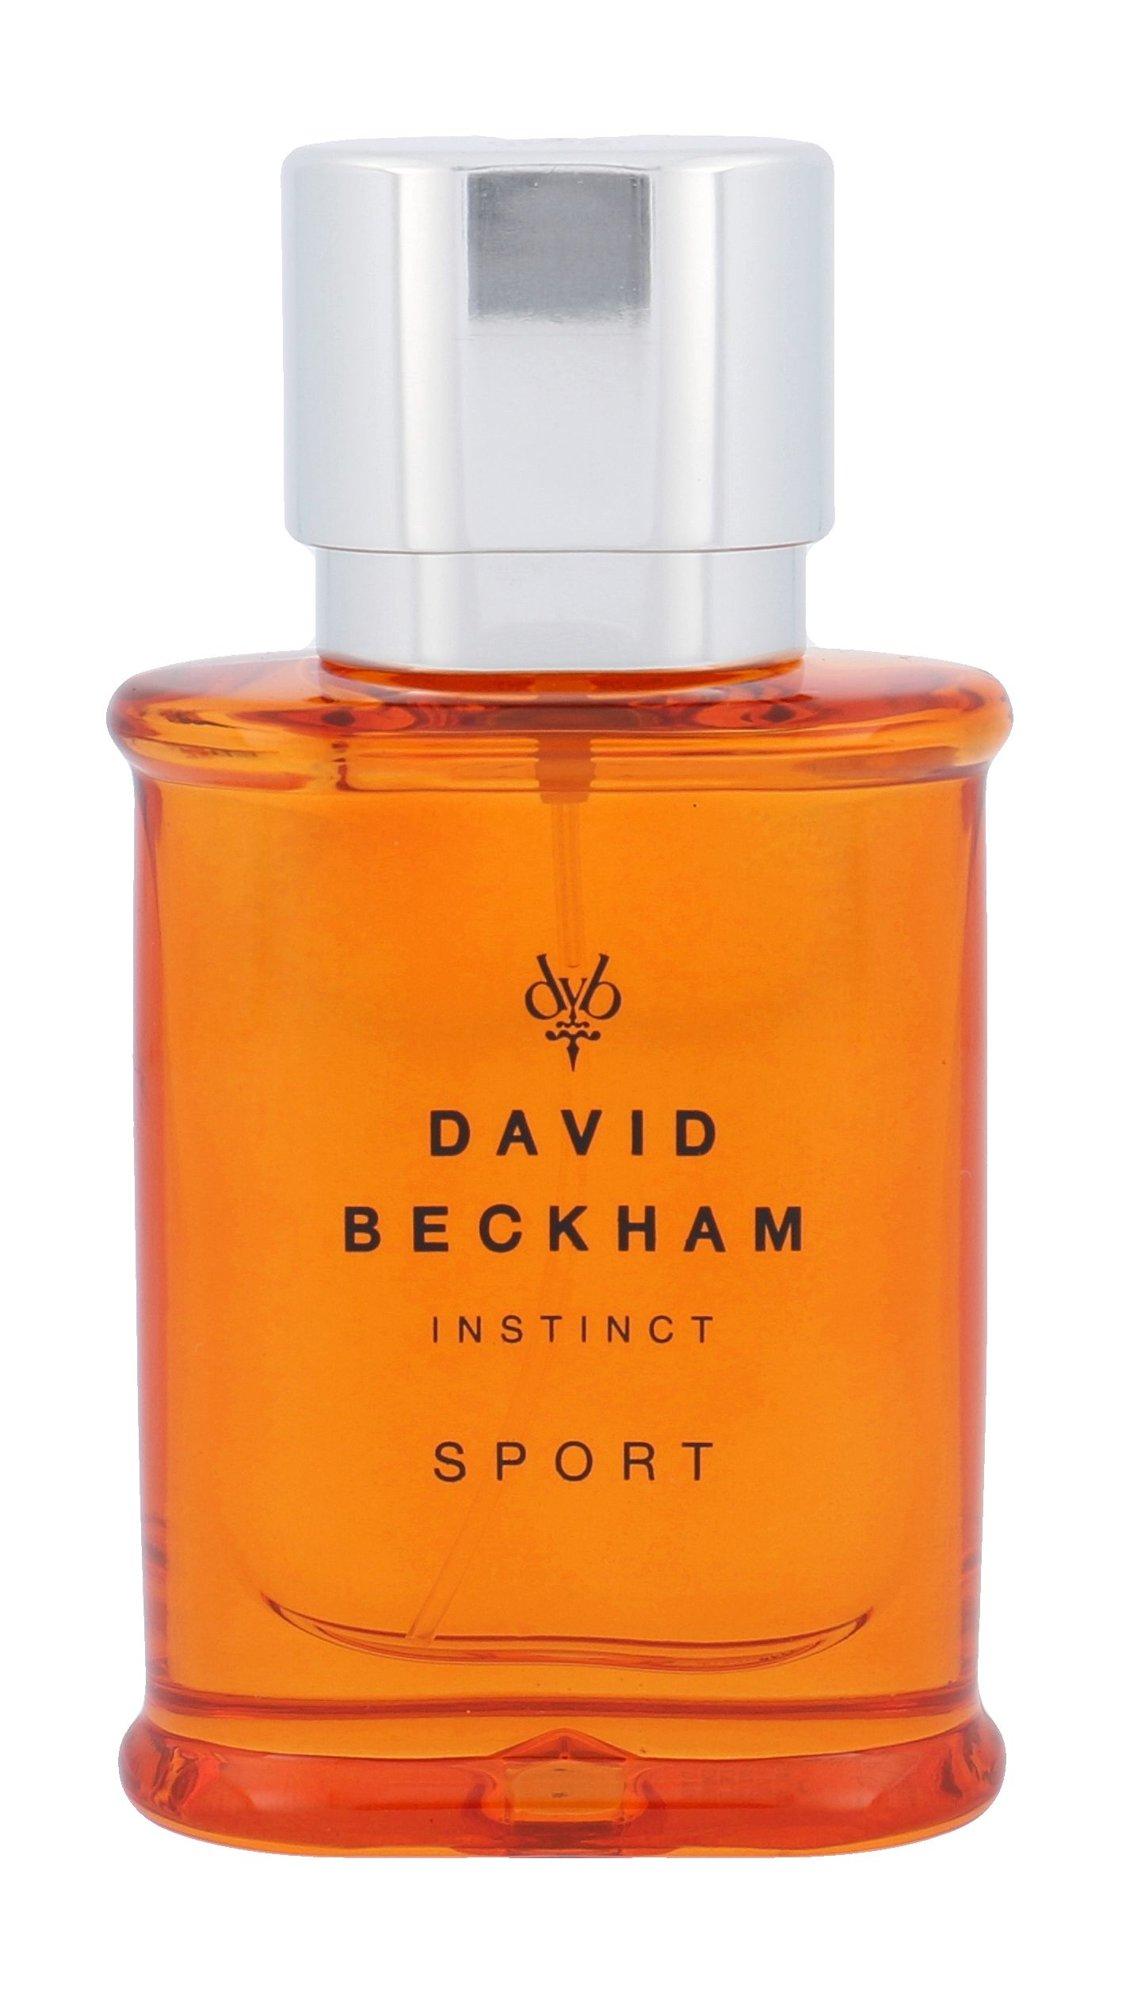 David Beckham Instinct Sport EDT 30ml